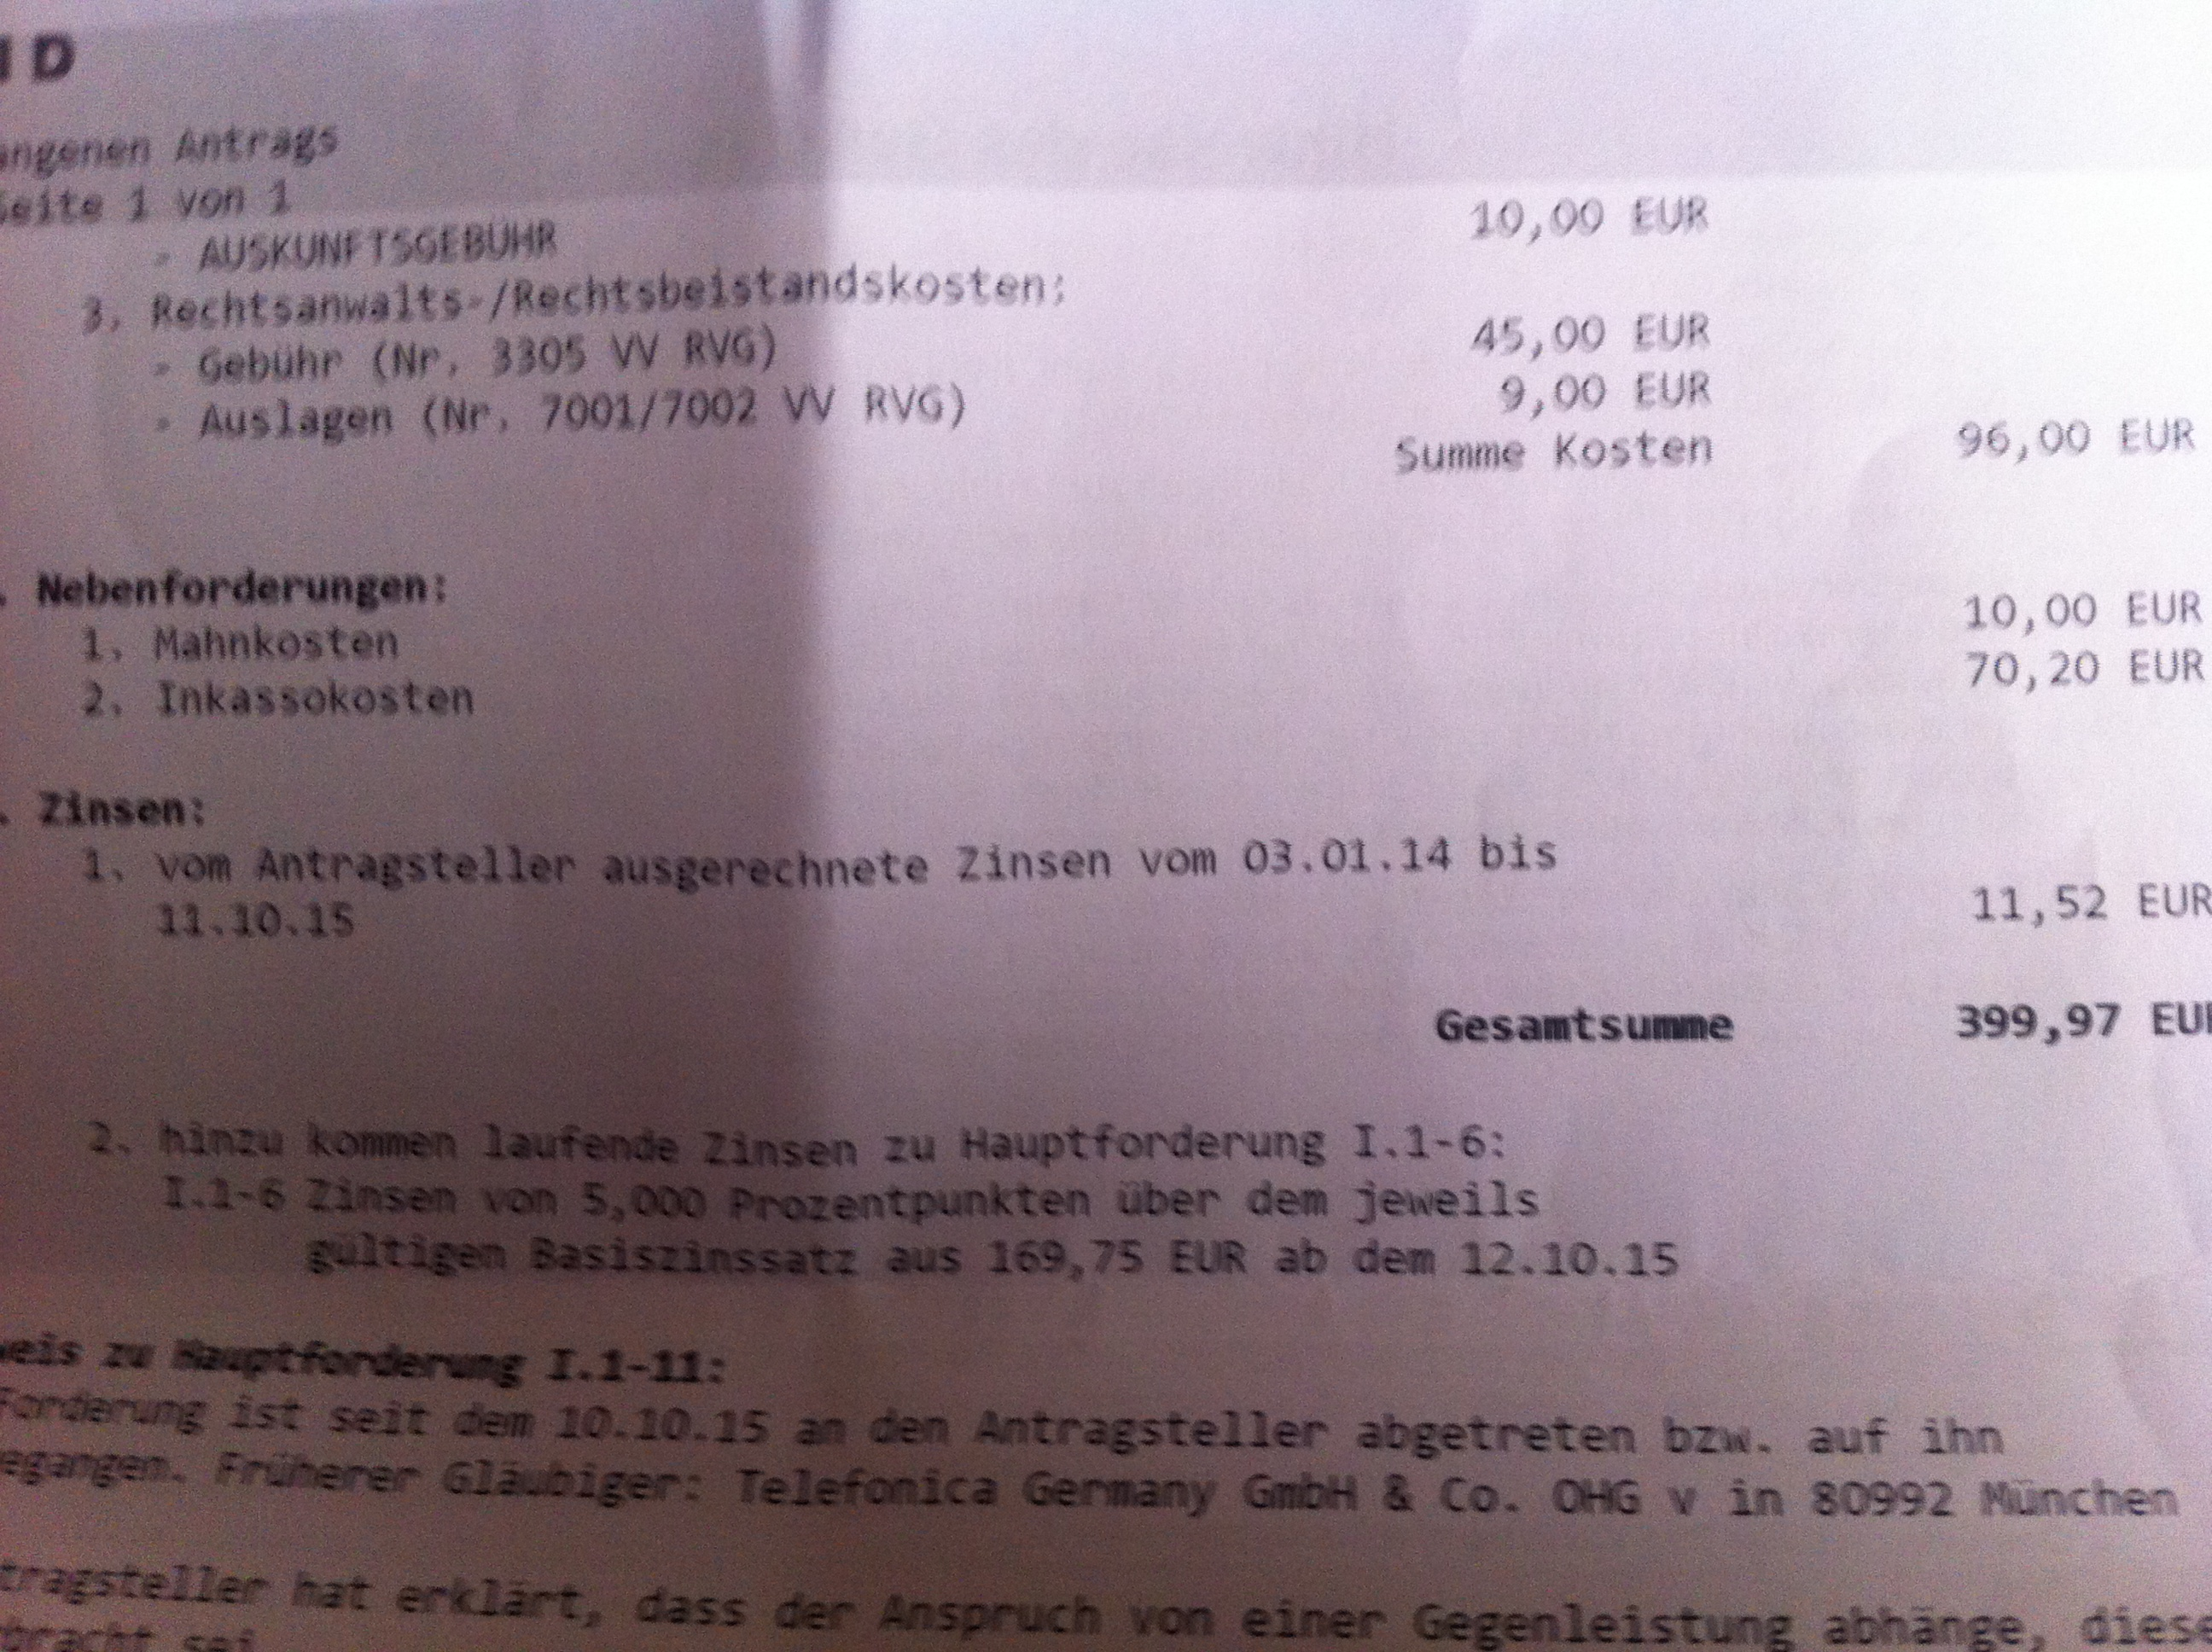 Amtsgericht Hamburg Real Inkasso Welche Gesamtsumme Muss Beglichen